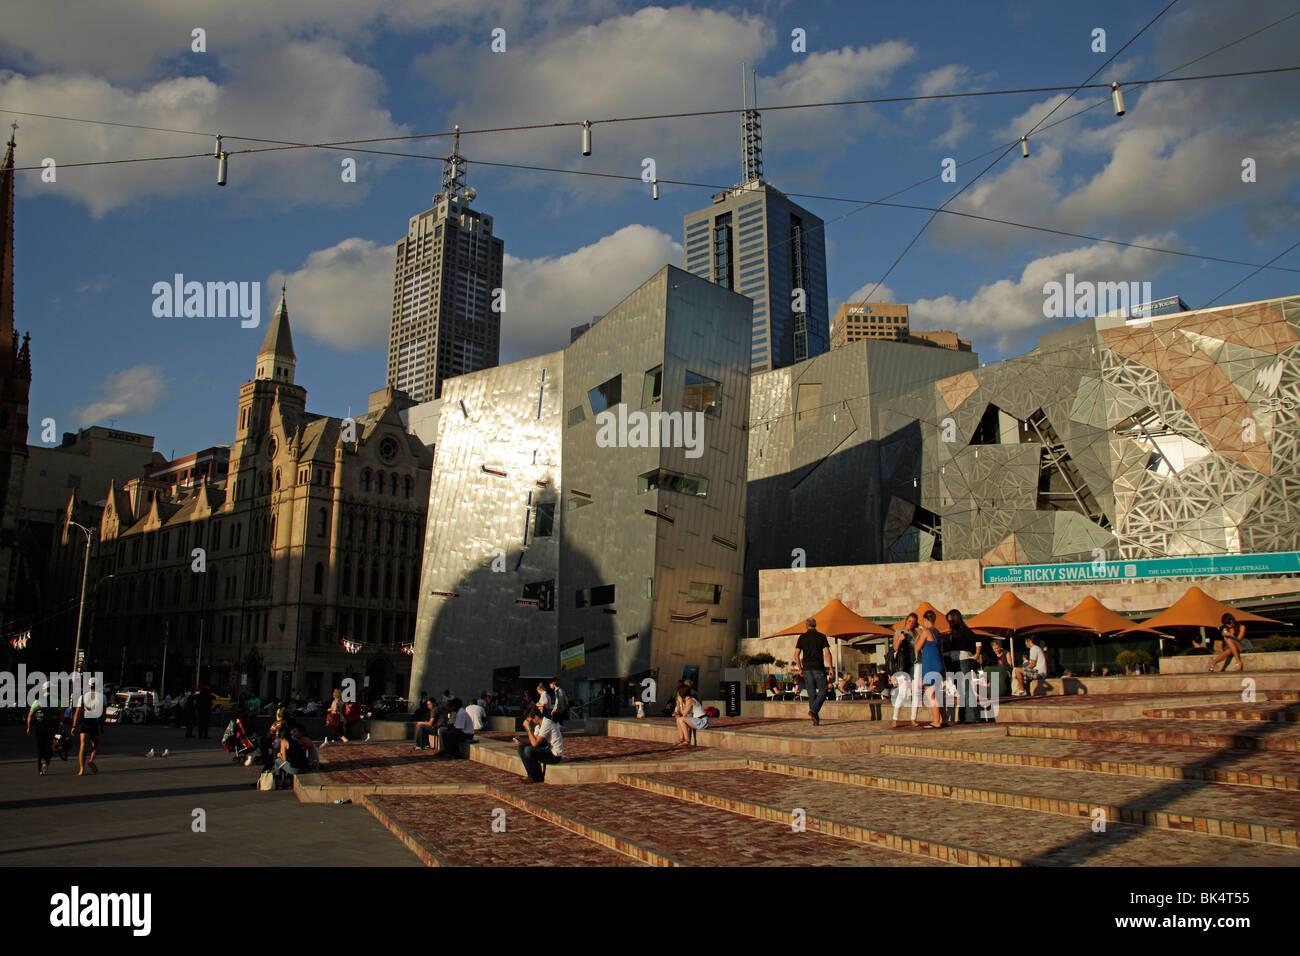 Architecture on Federation Square in Melbourne, Victoria, Australia Stock Photo